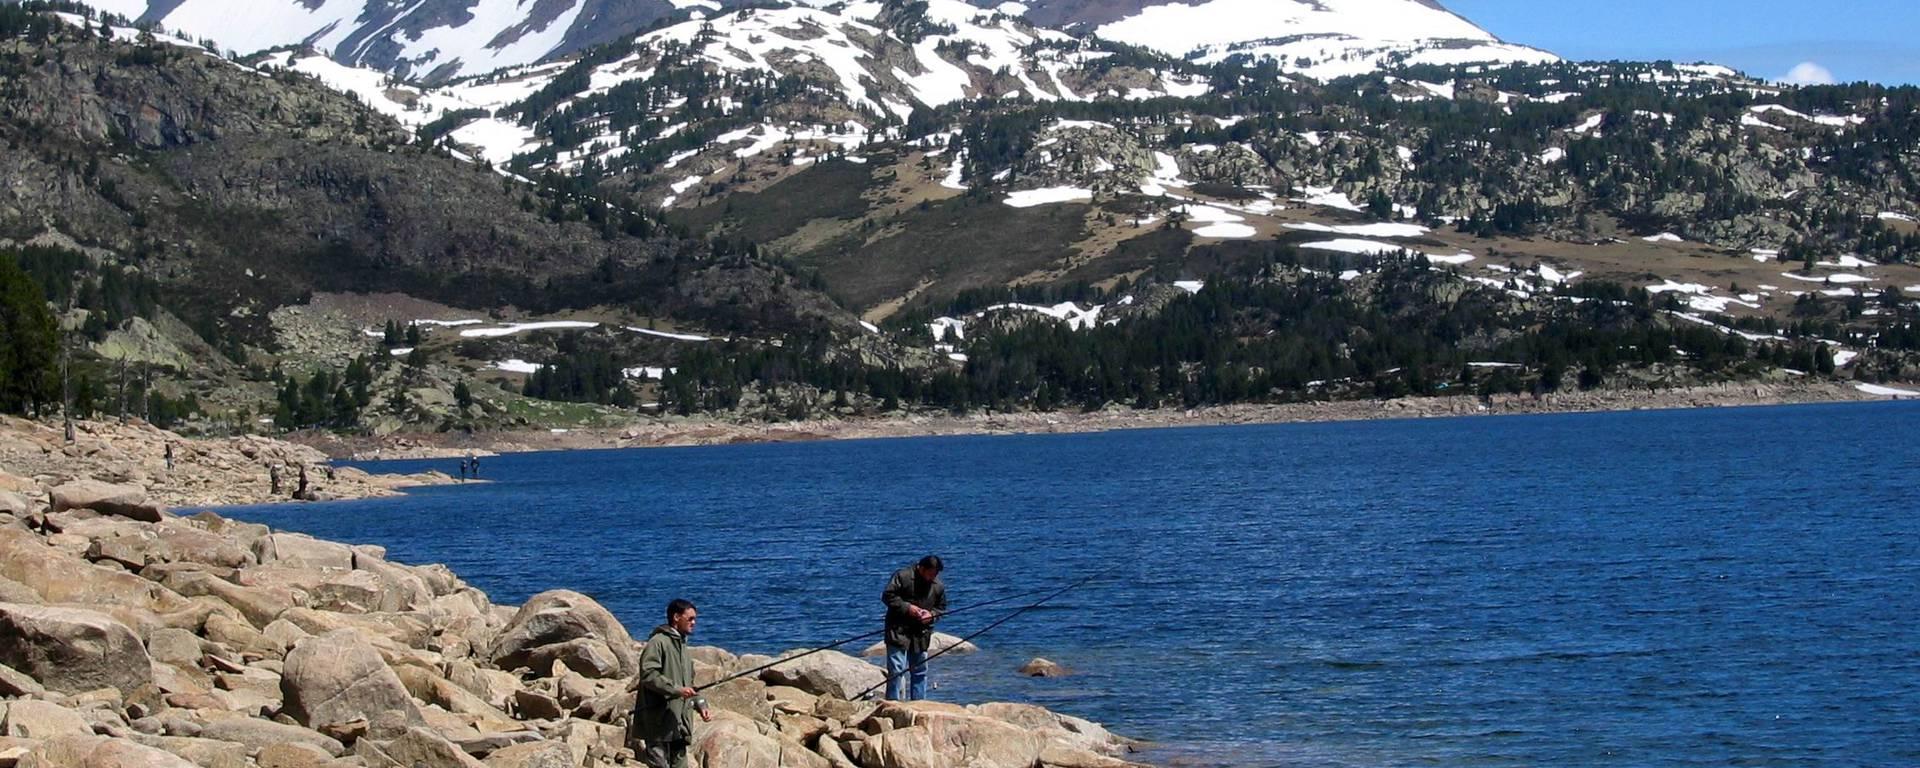 Ouverture de la pêche en lac